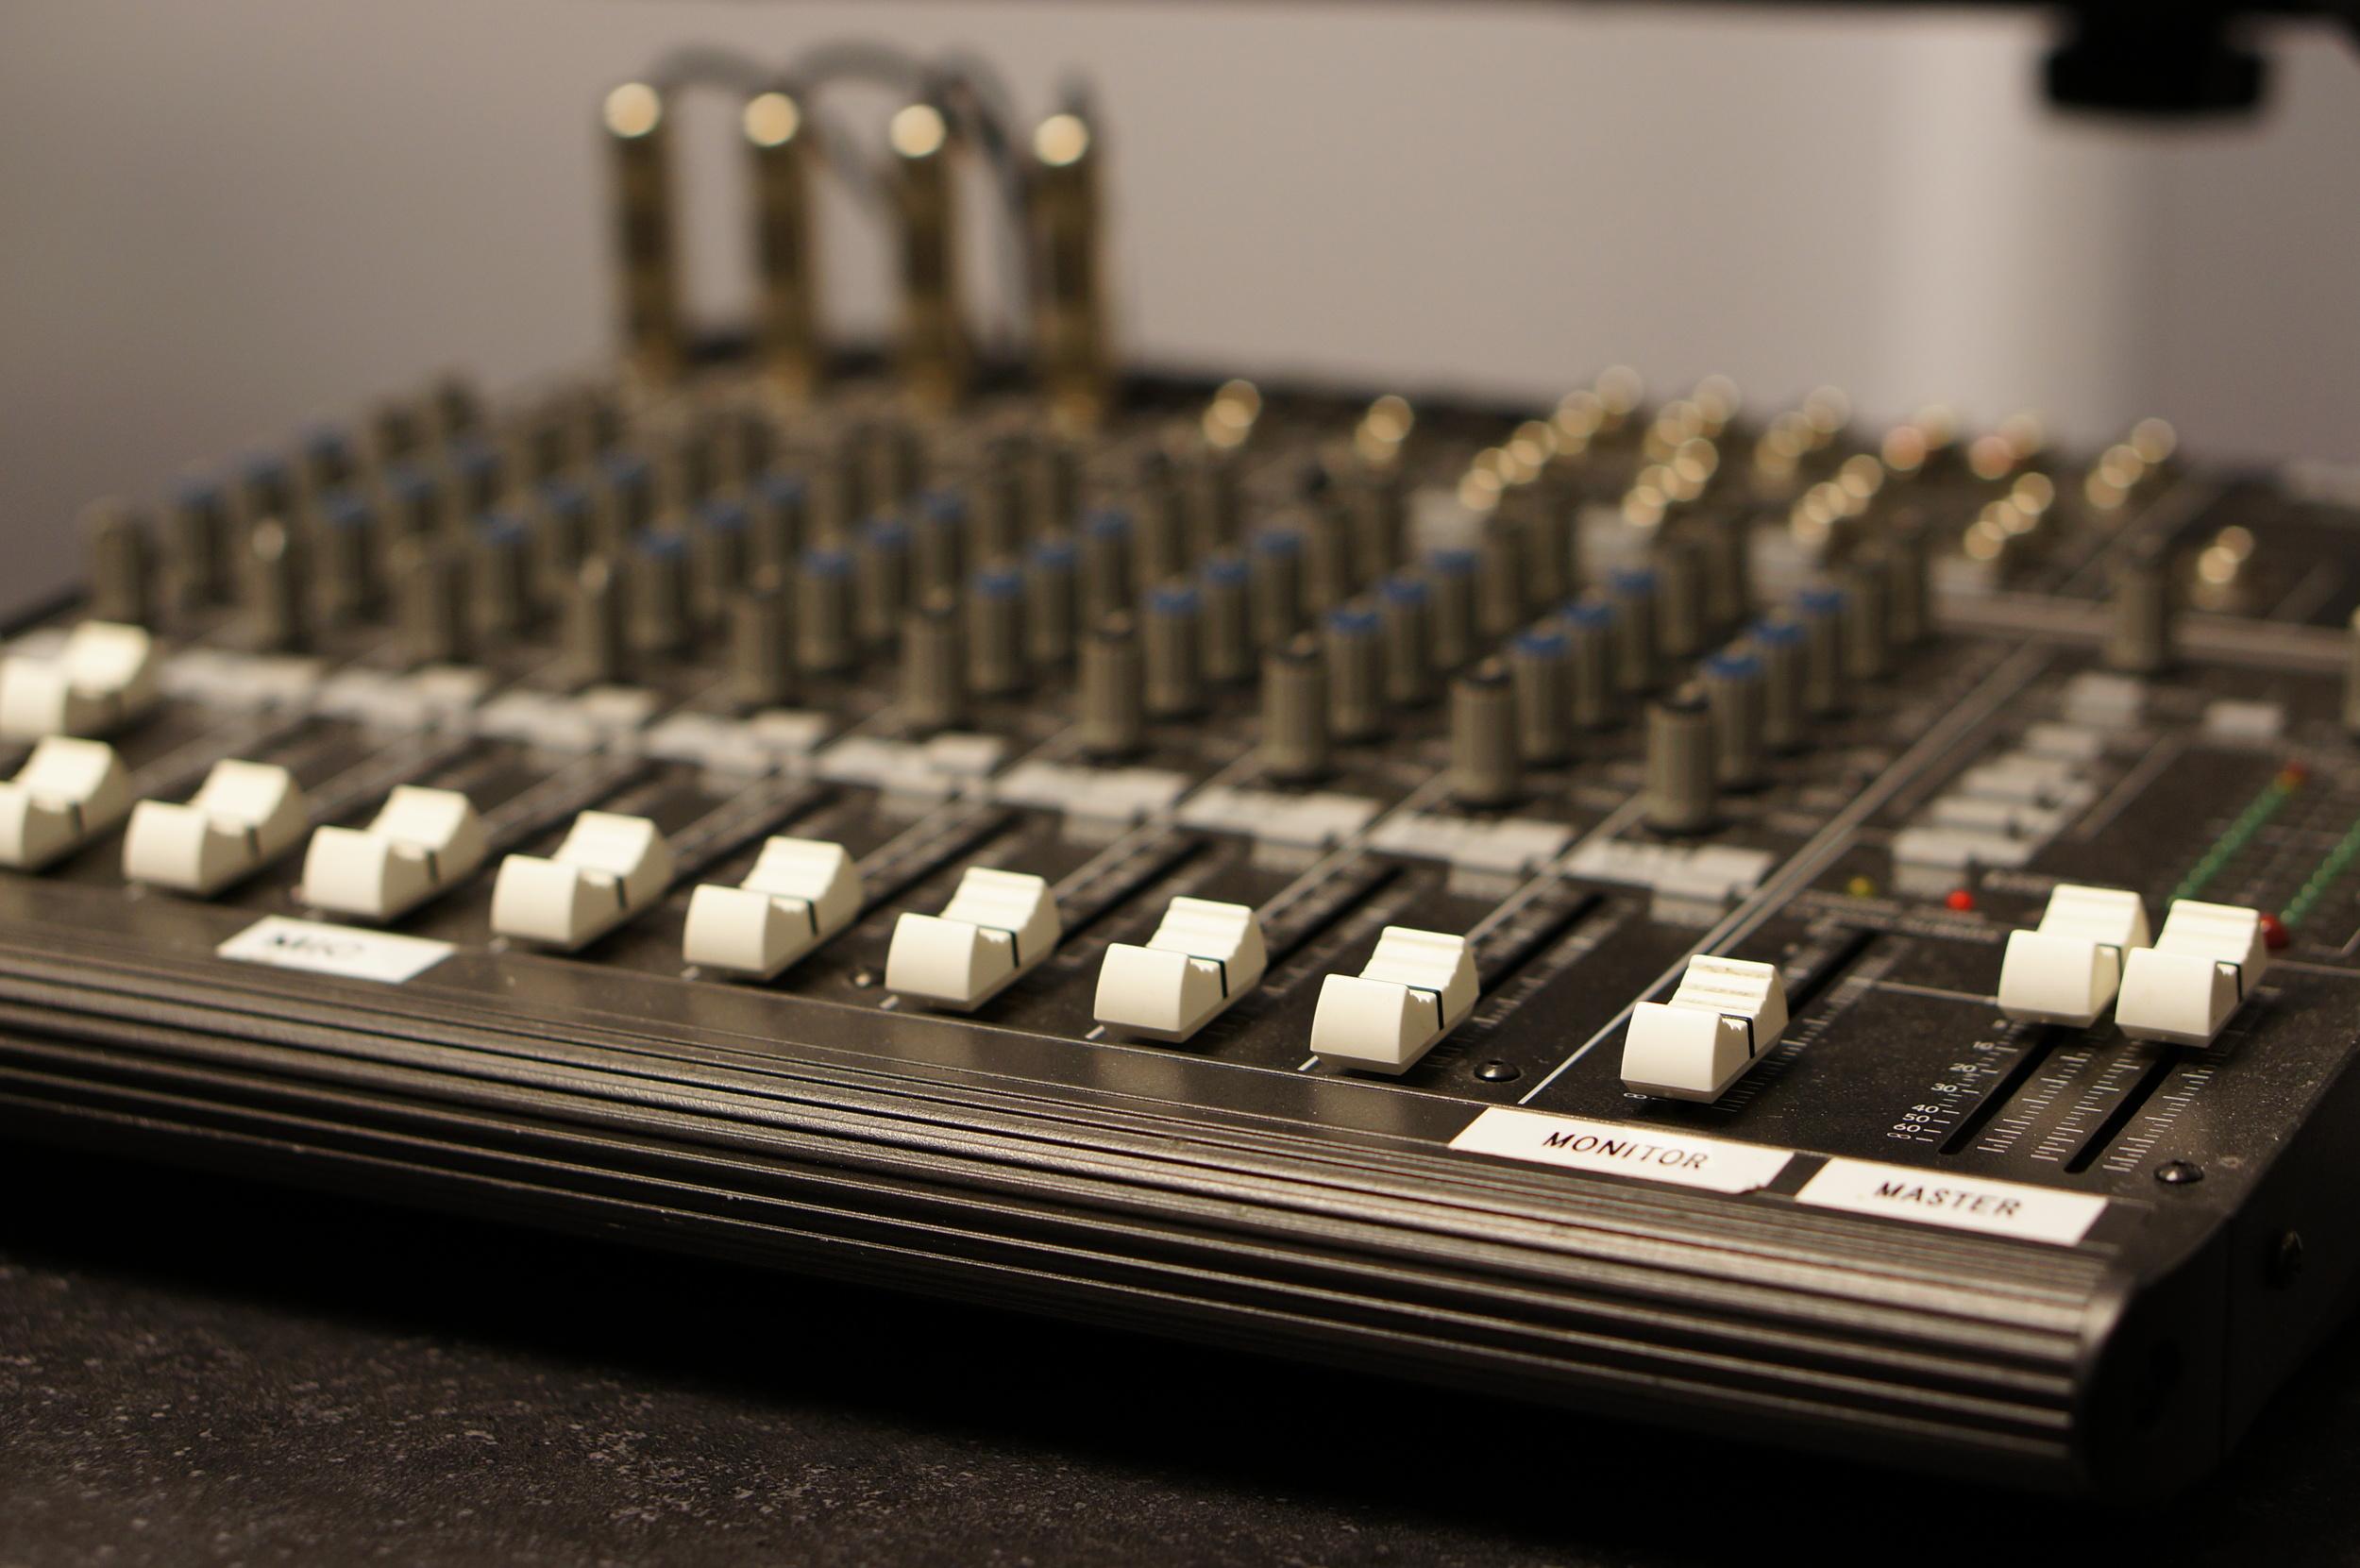 Mixing board close up